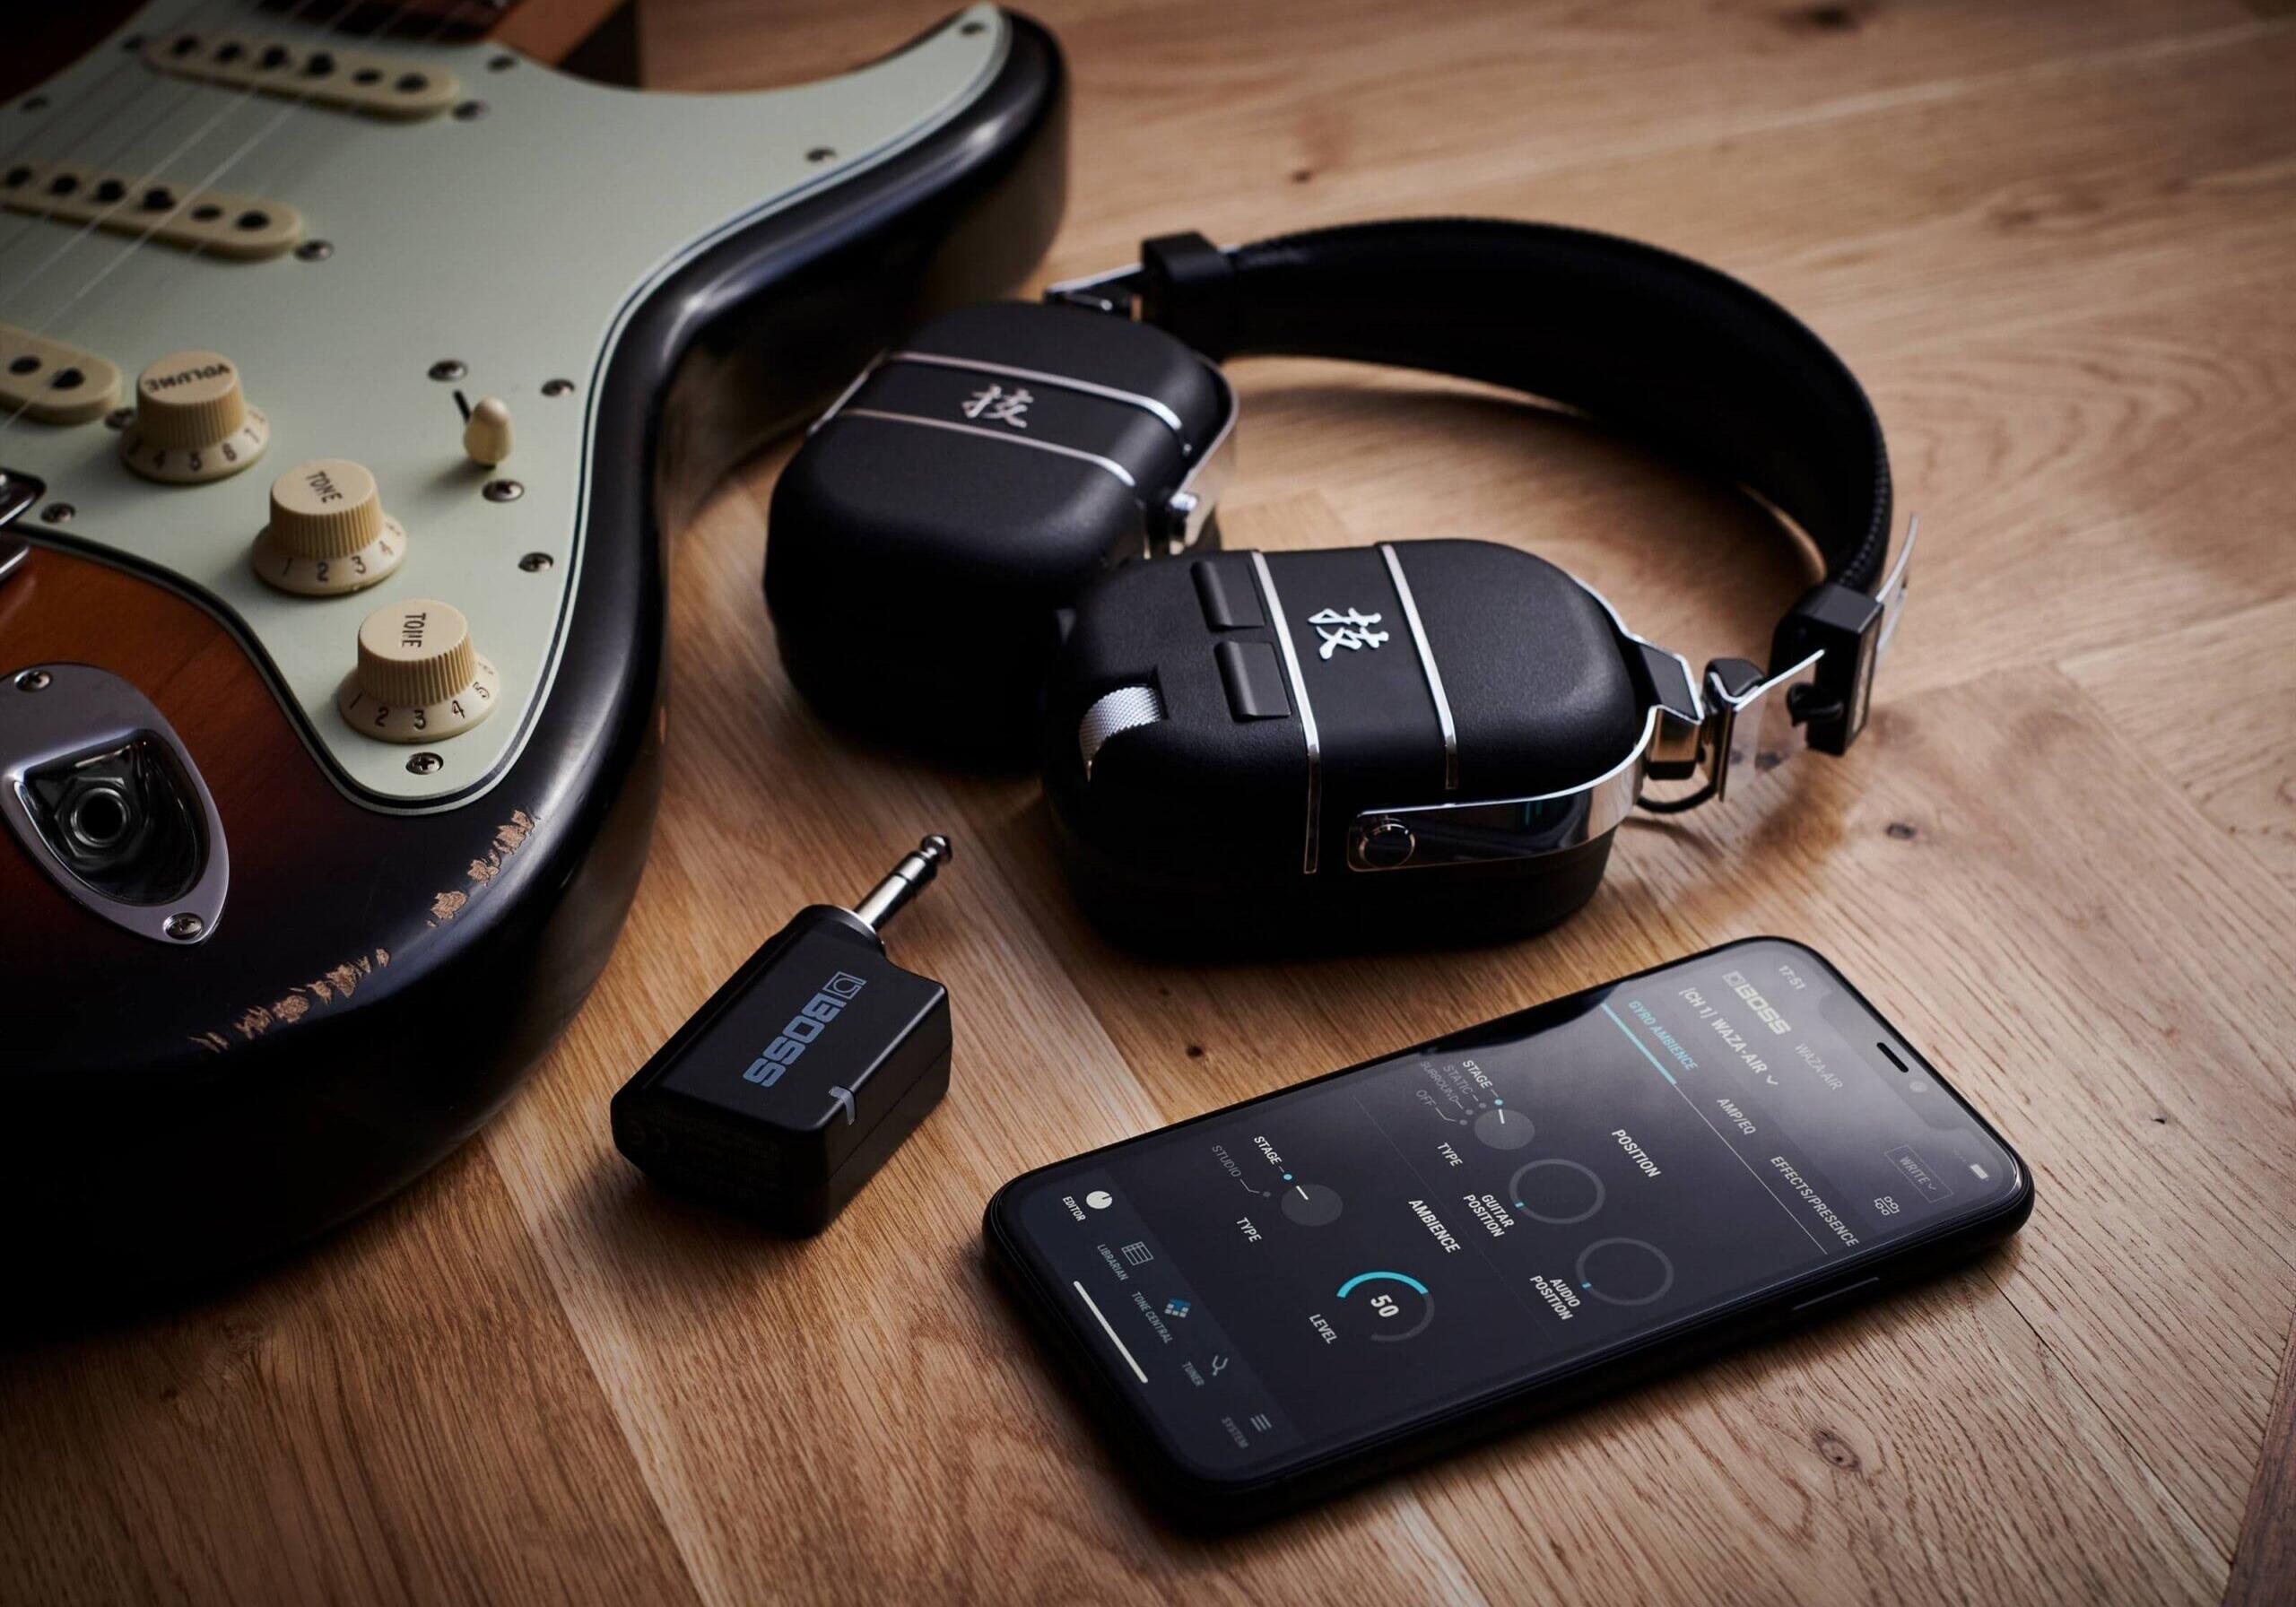 耳机也能模仿音箱的音质?WAZA-Air 音箱模拟耳机了解一下?